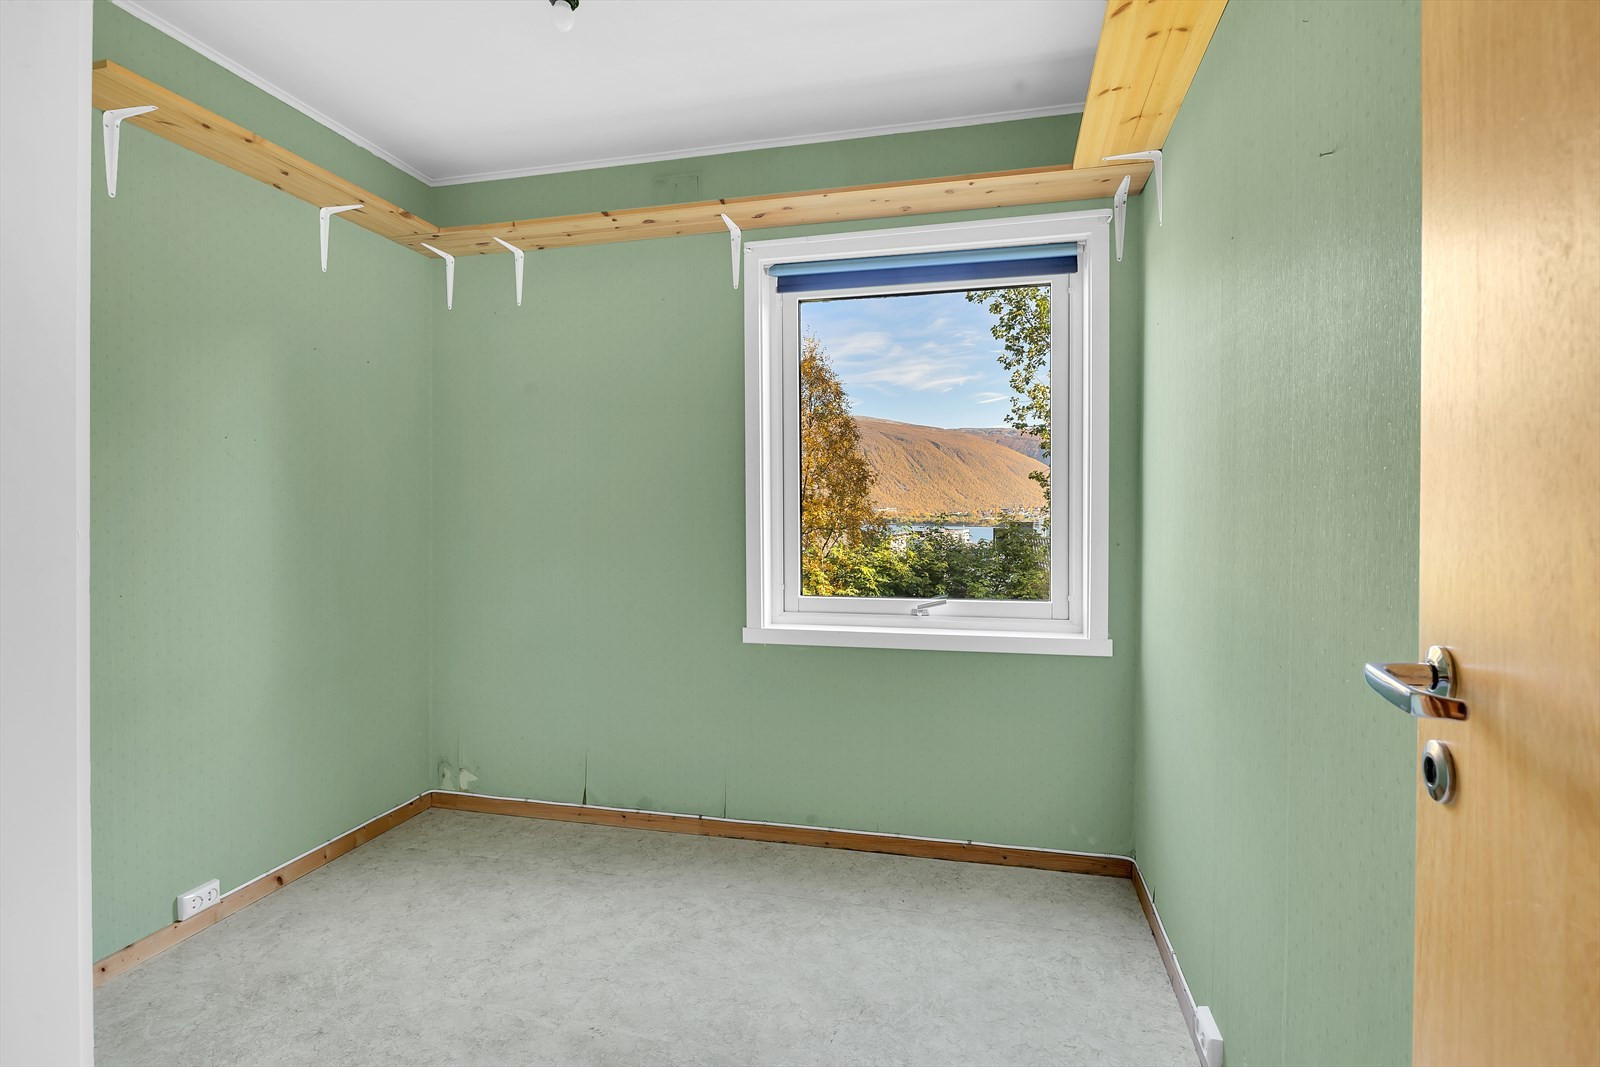 Fin utsikt fra soverommet, som ellers kunne trengt seg noen strøk maling og kanskje nytt gulv?